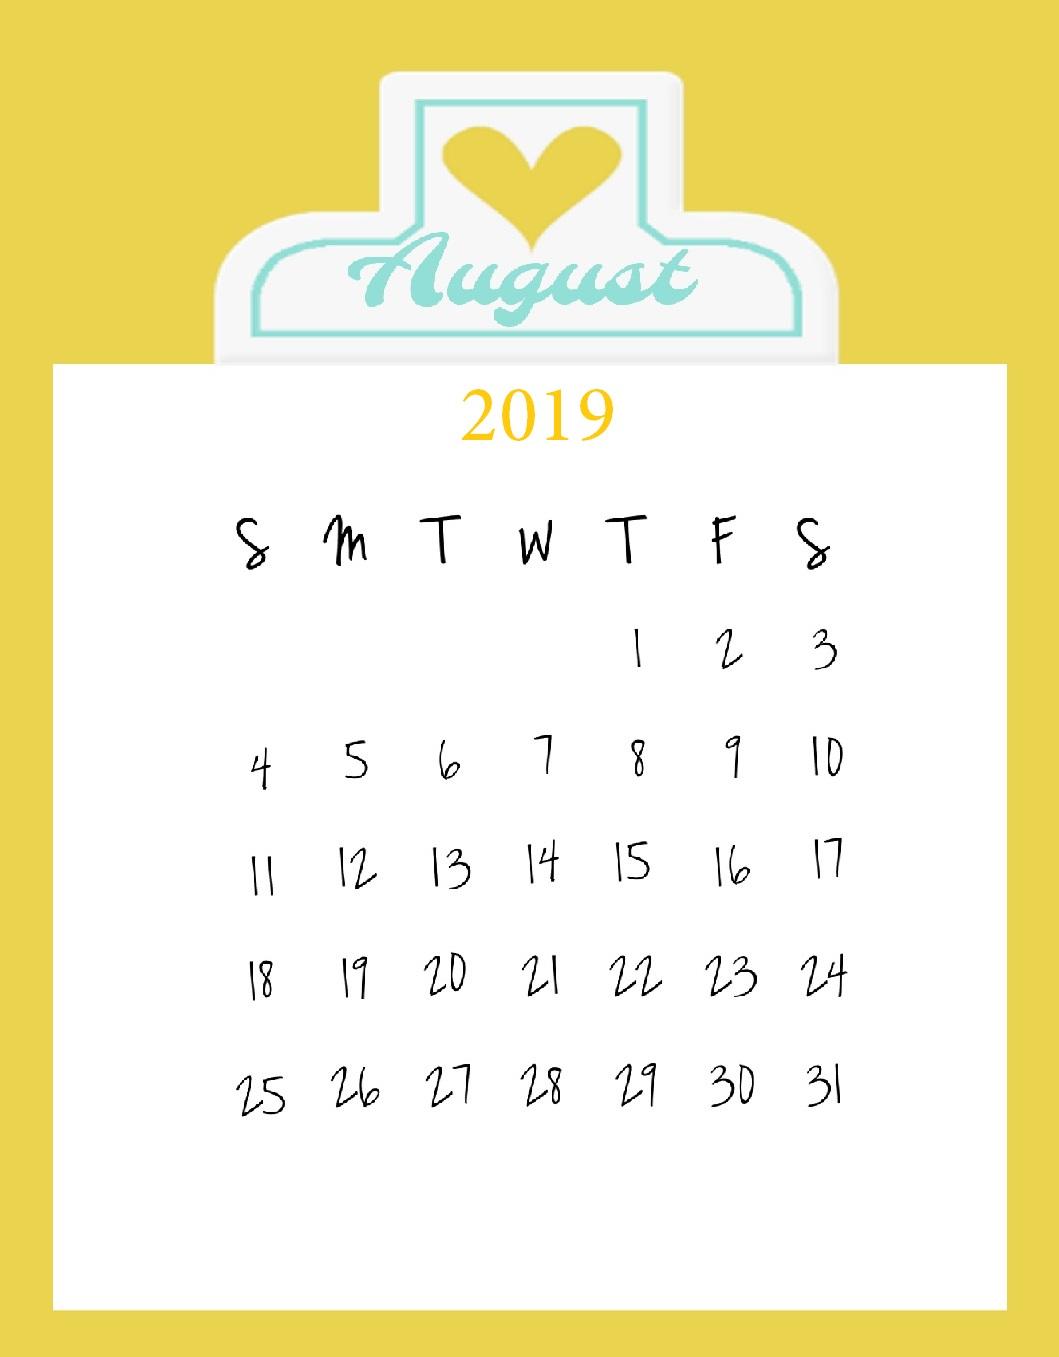 August 2019 Wall Calendar Design